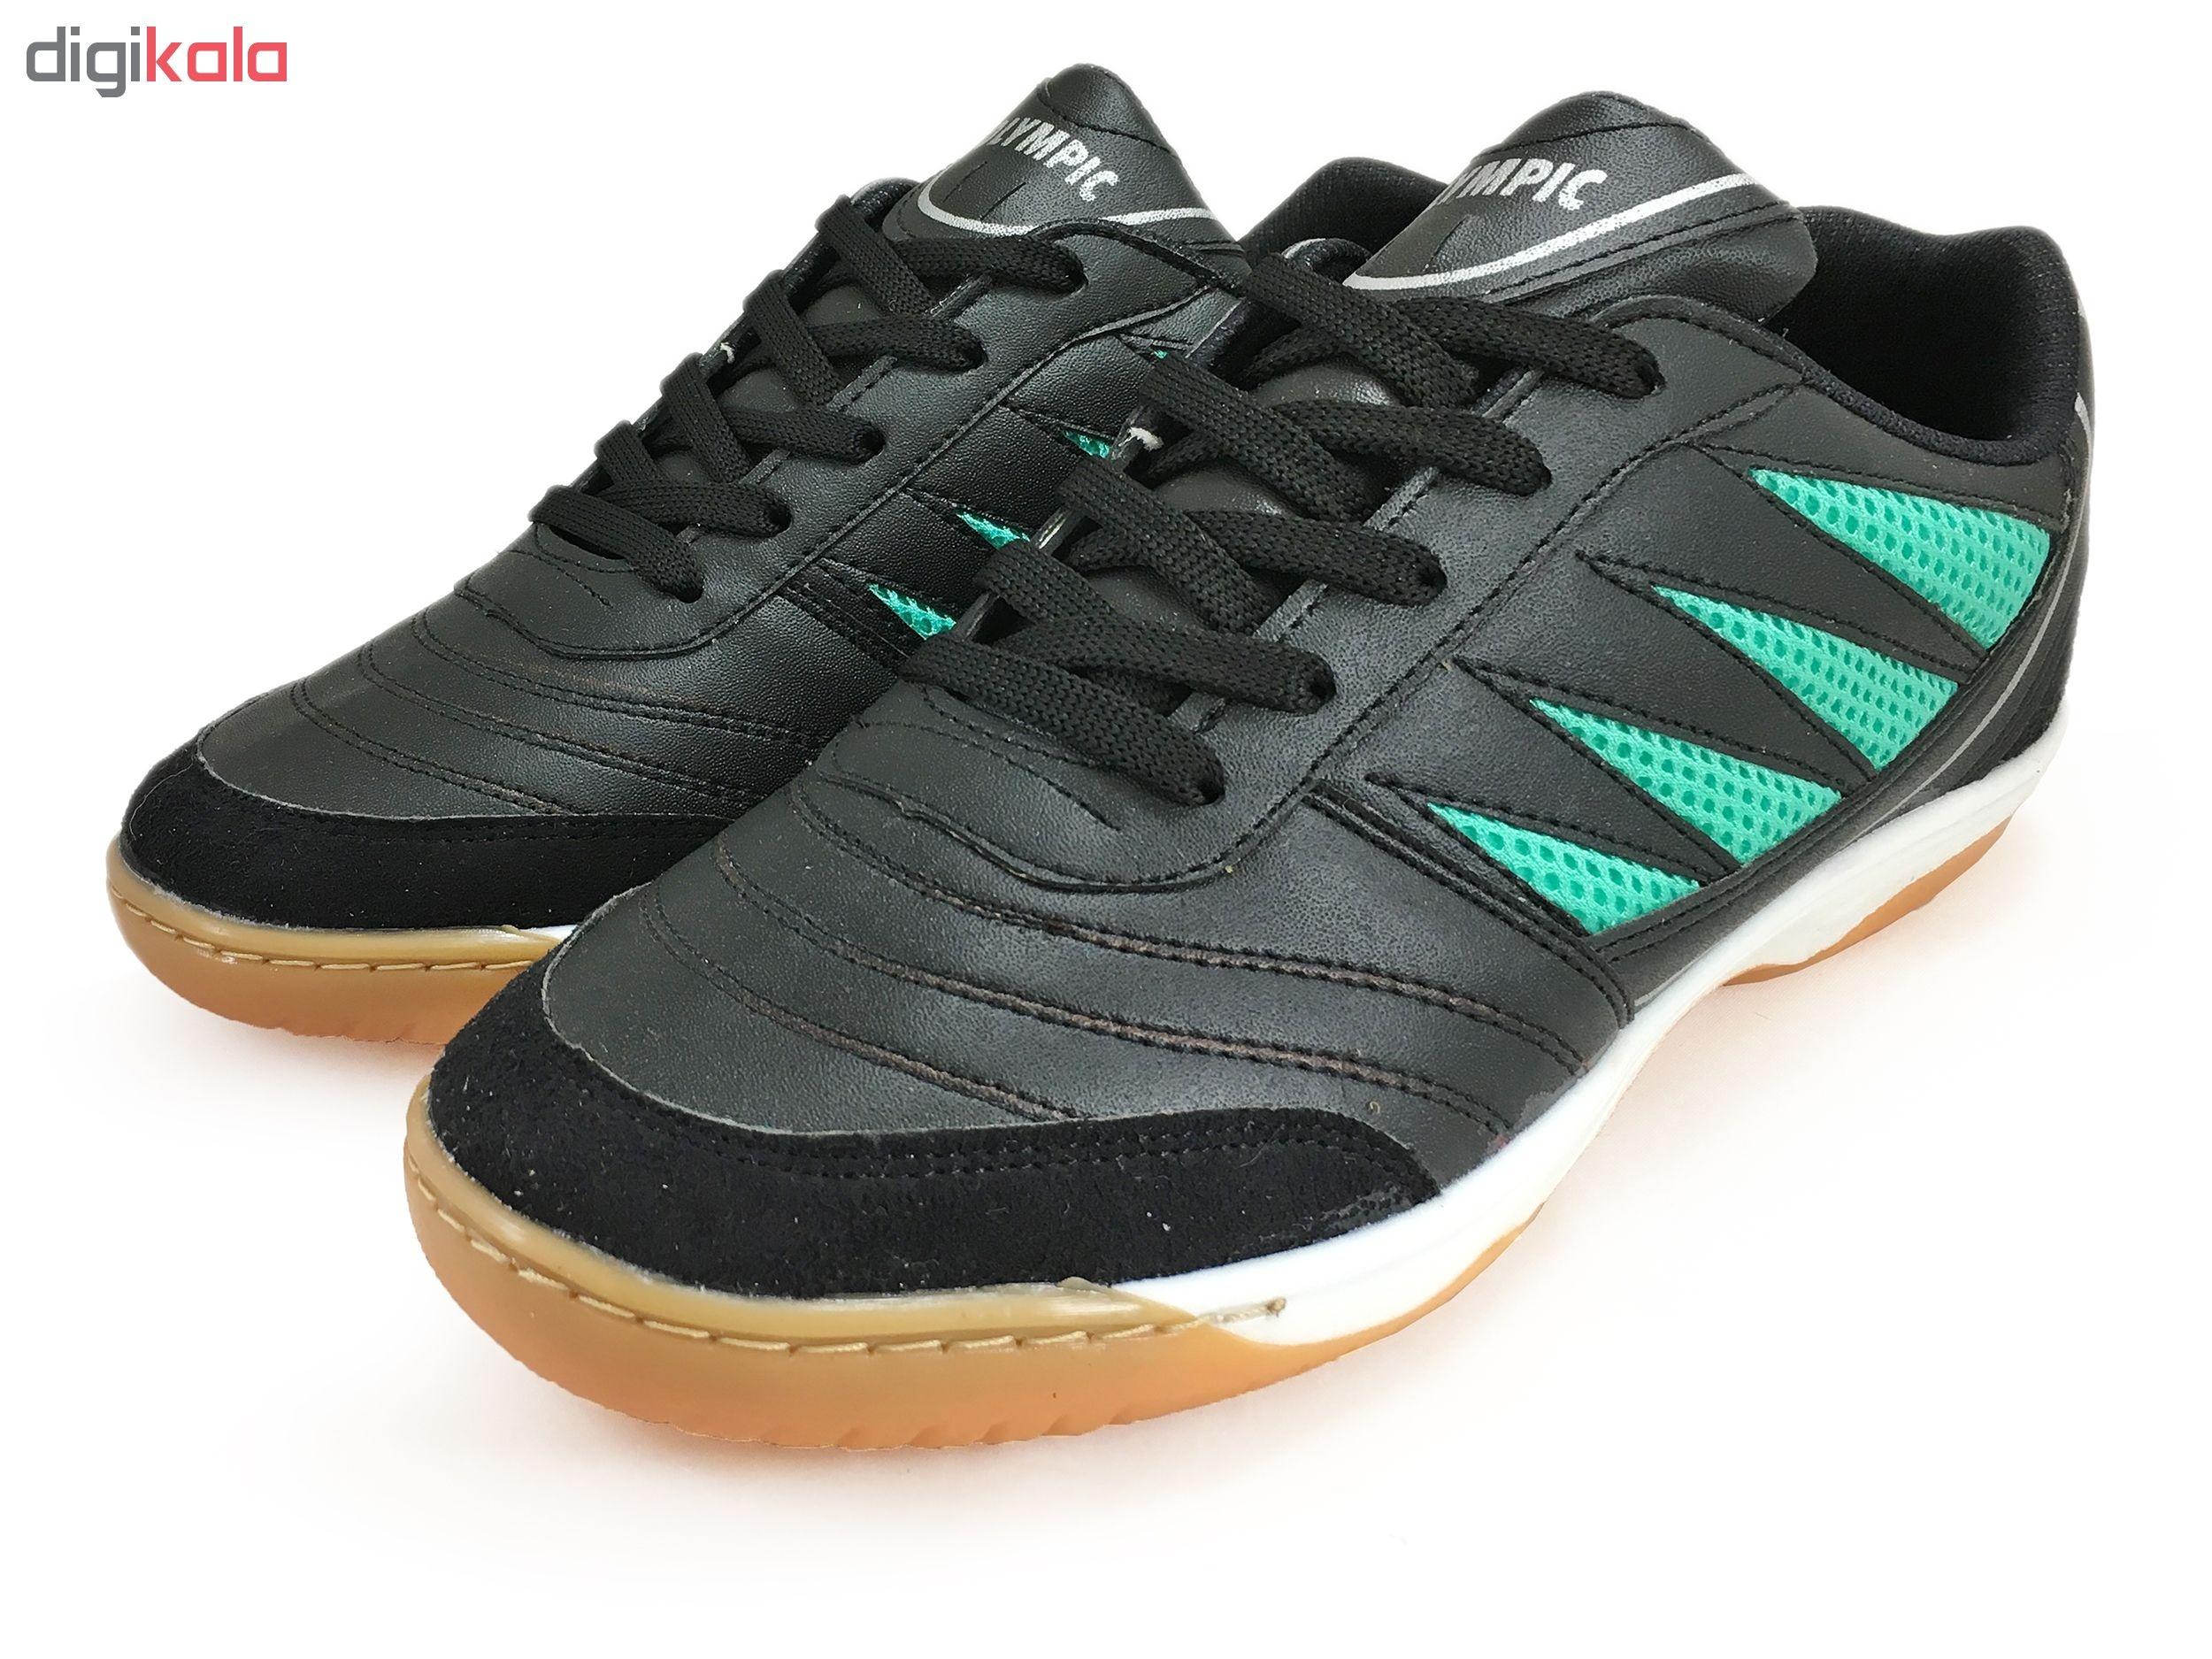 قیمت خرید کفش فوتسال مردانه مدل سالا کد 3333 اورجینال